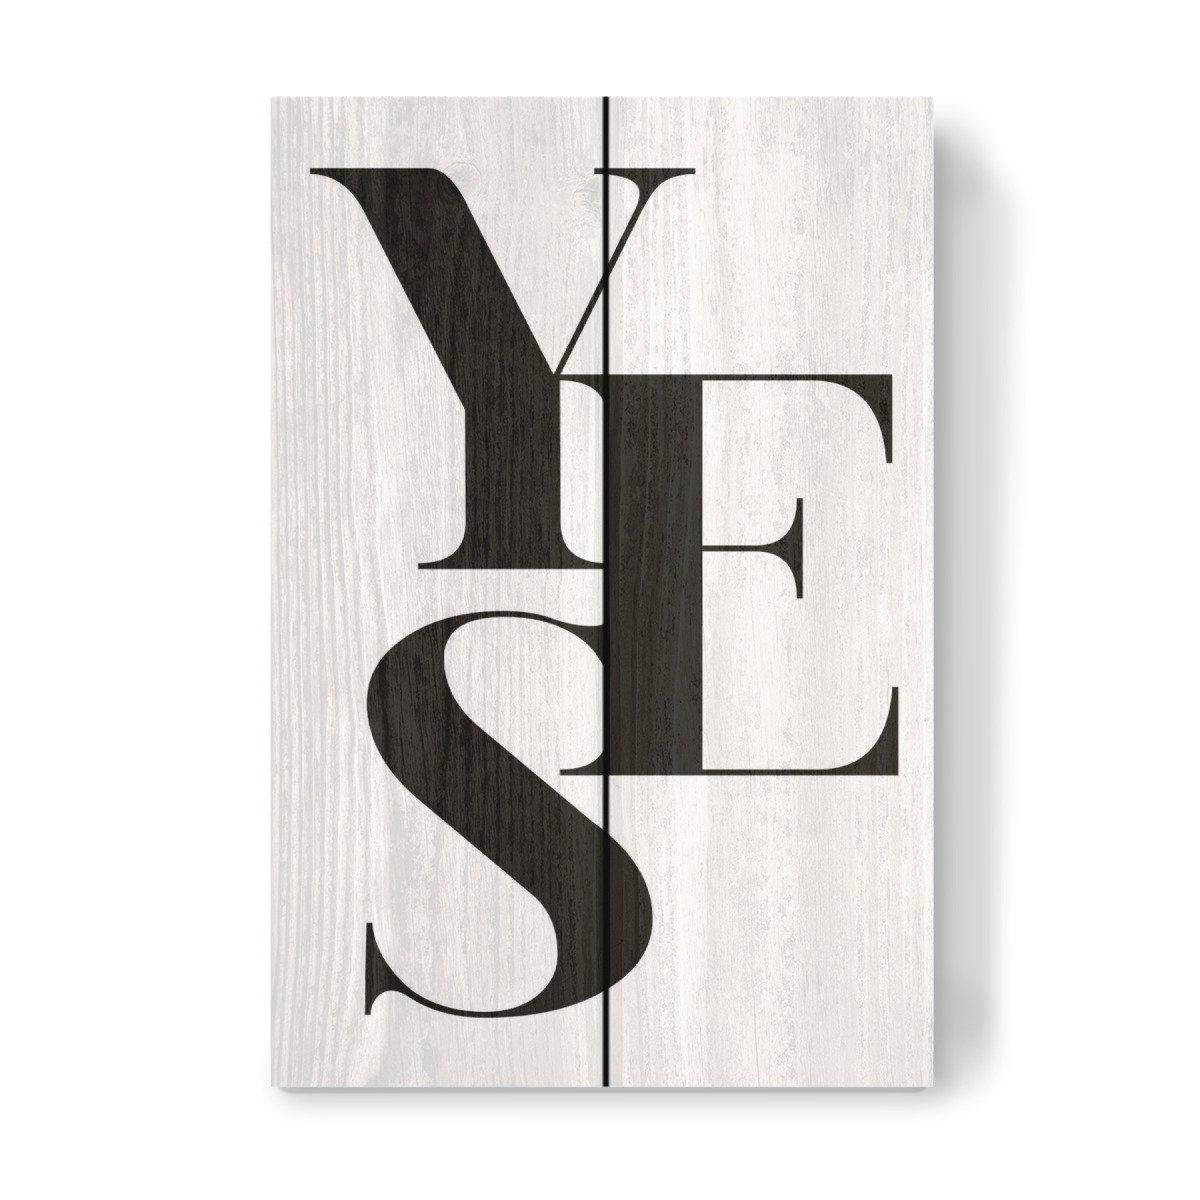 artboxONE Holzbild 30x20 cm Liebe 'Yes 02' von Künstler FroileinJuno